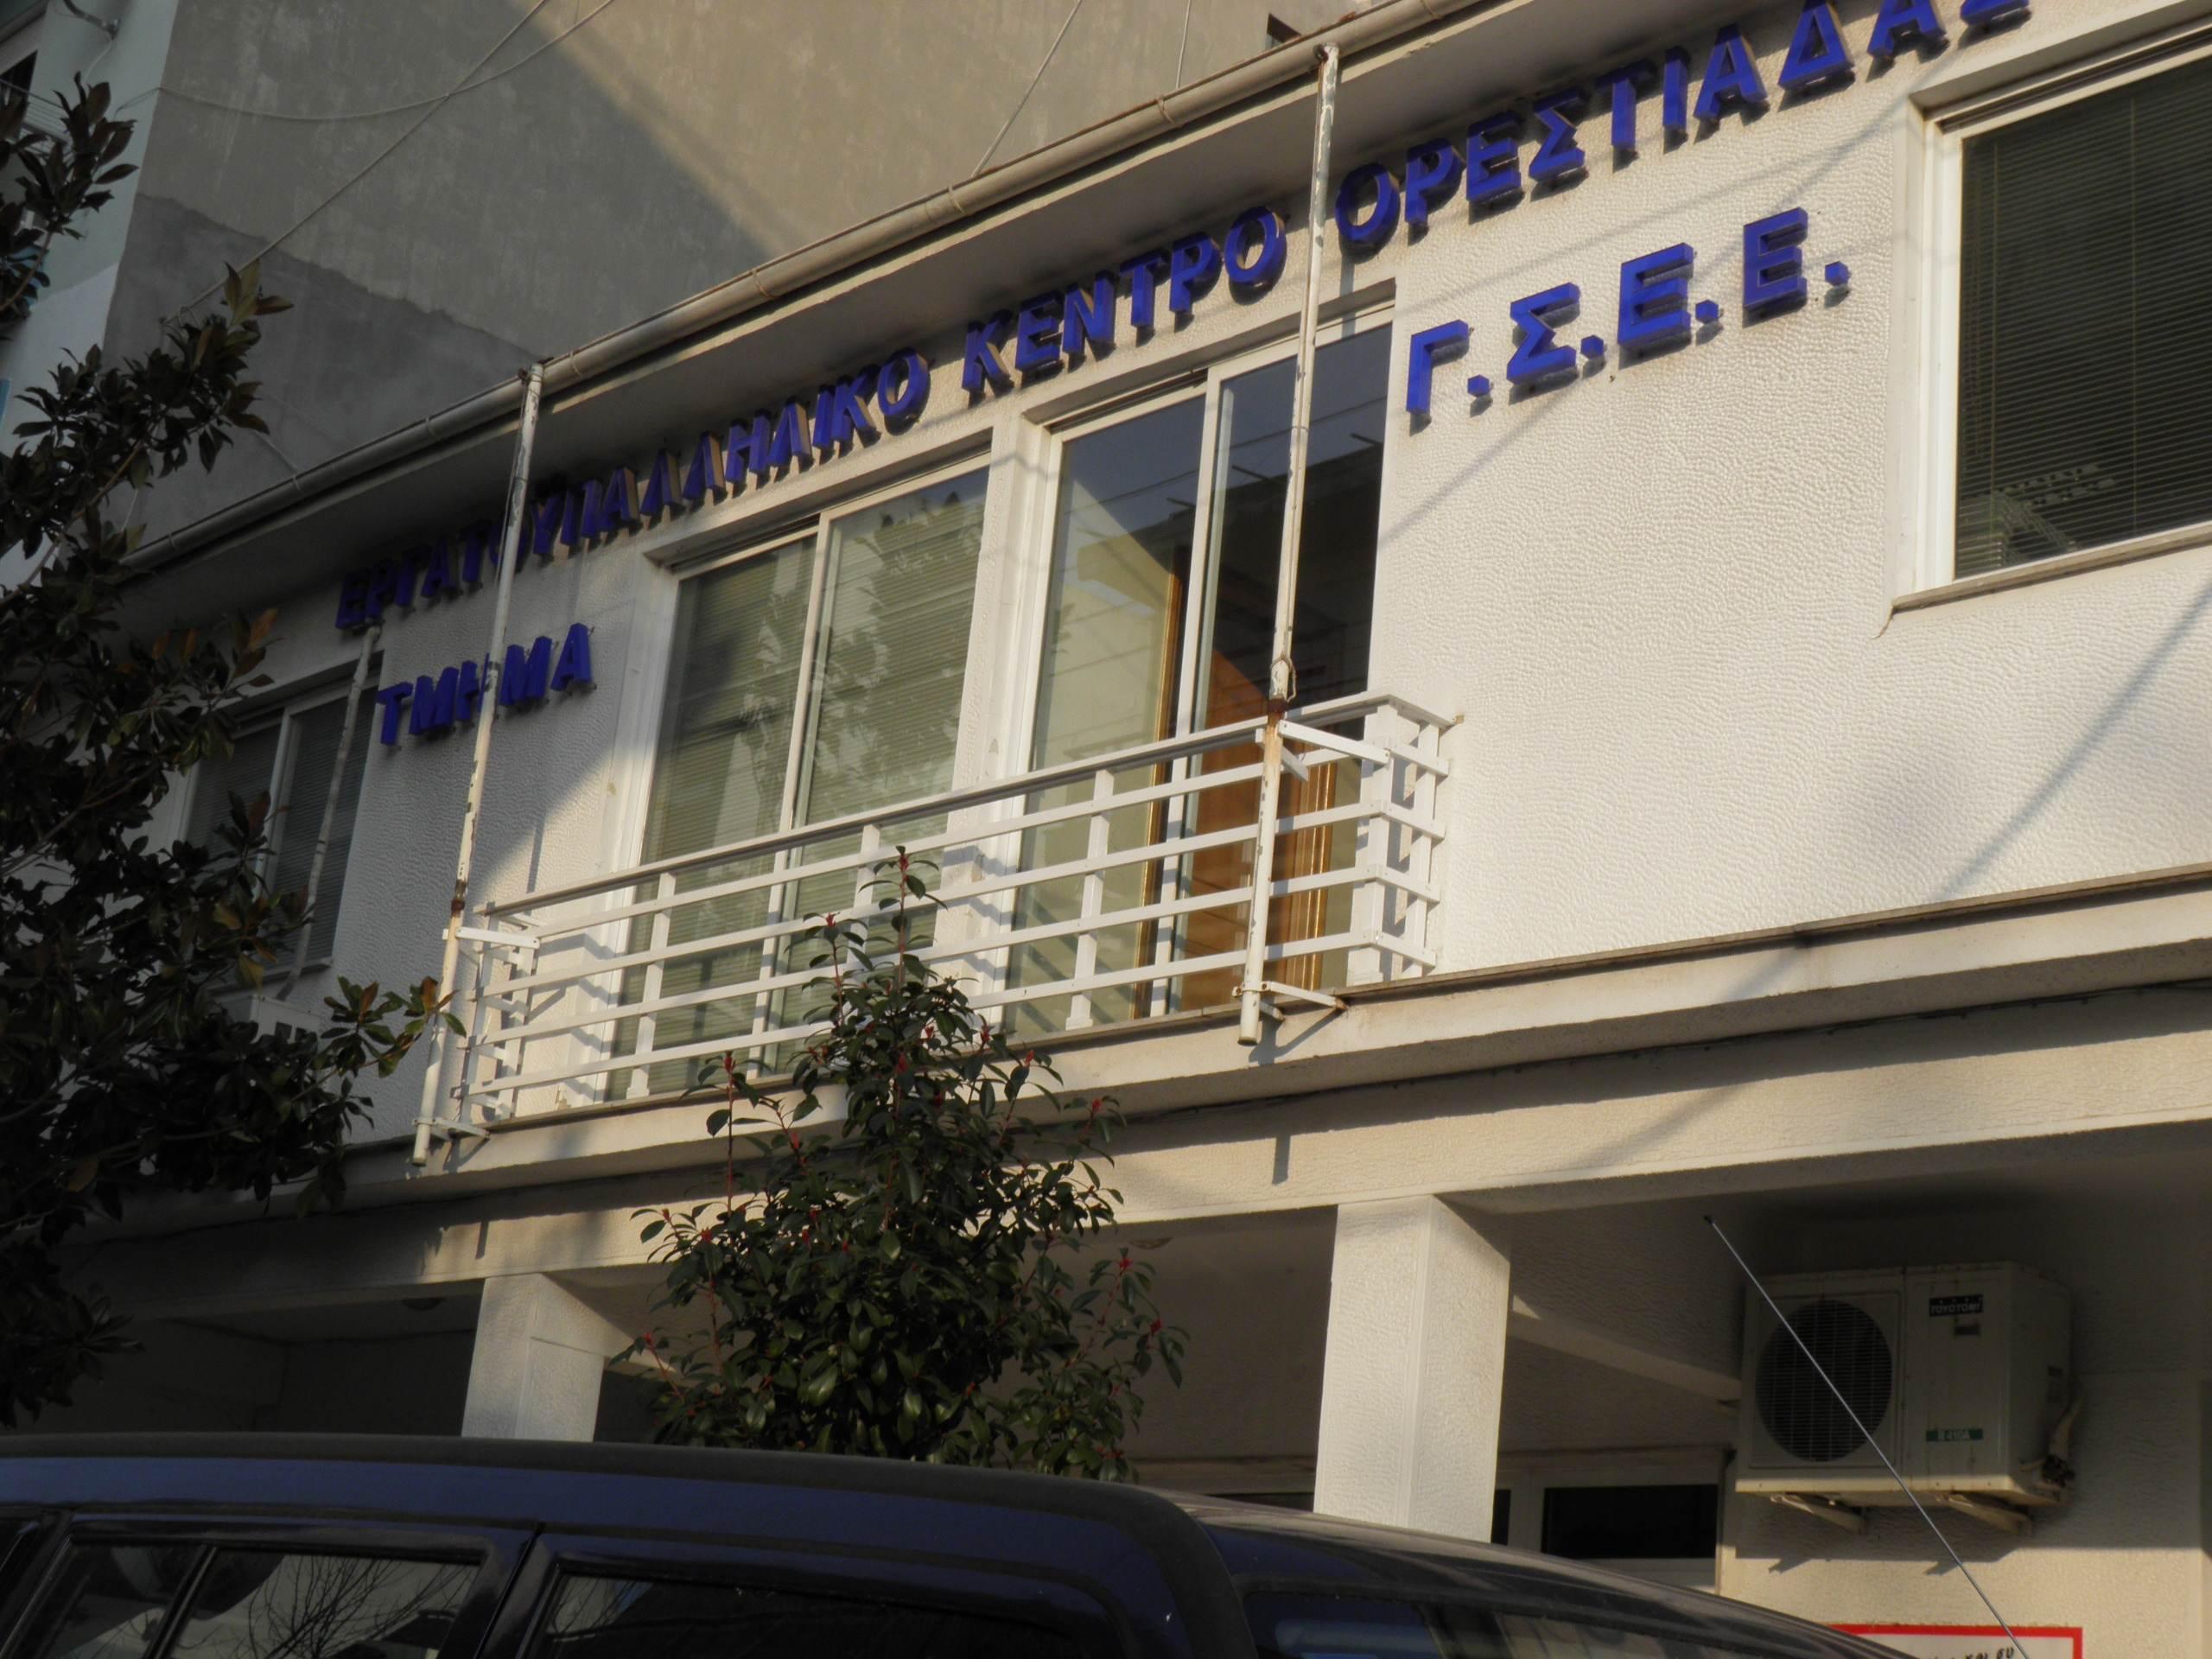 Εκλογές στο Εργατοϋπαλληλικό Κέντρο Ορεστιάδας